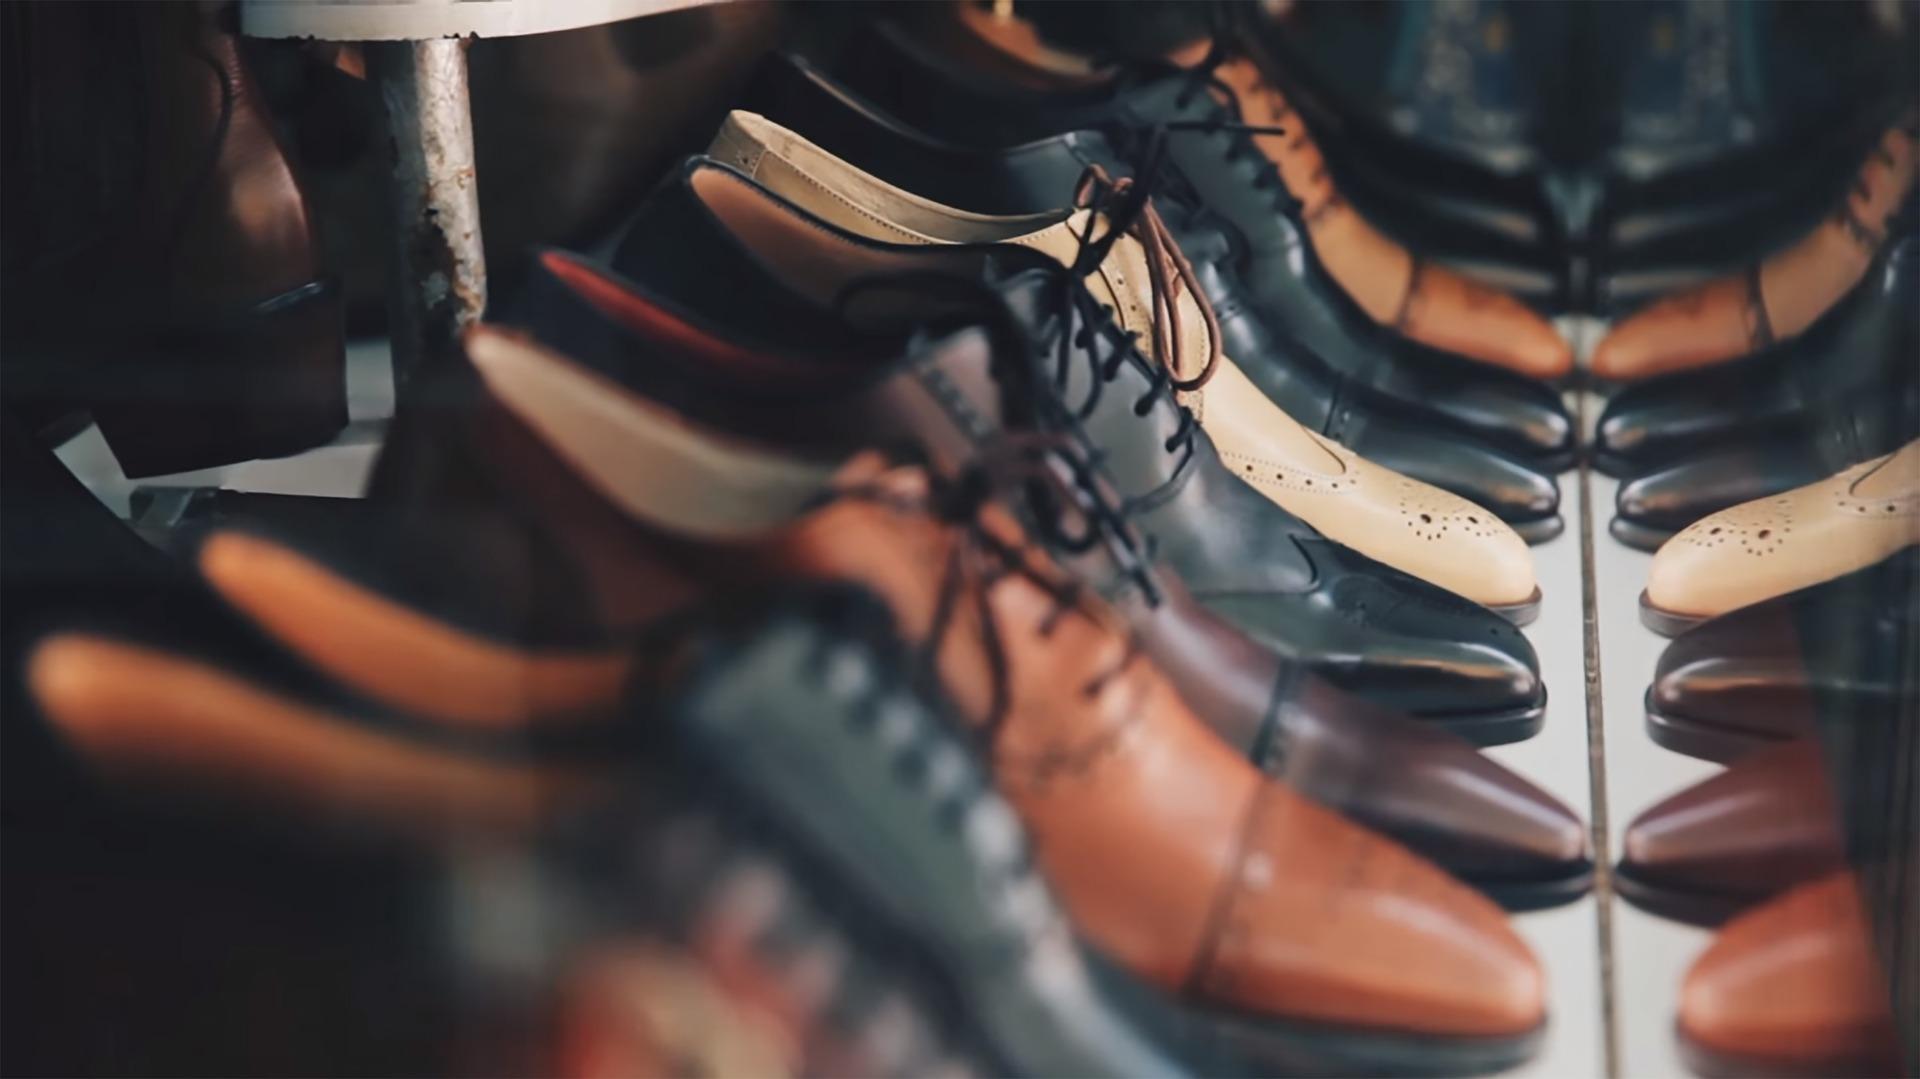 Импорт обуви и таможенное оформление обувной продукции | ПравоВЭД